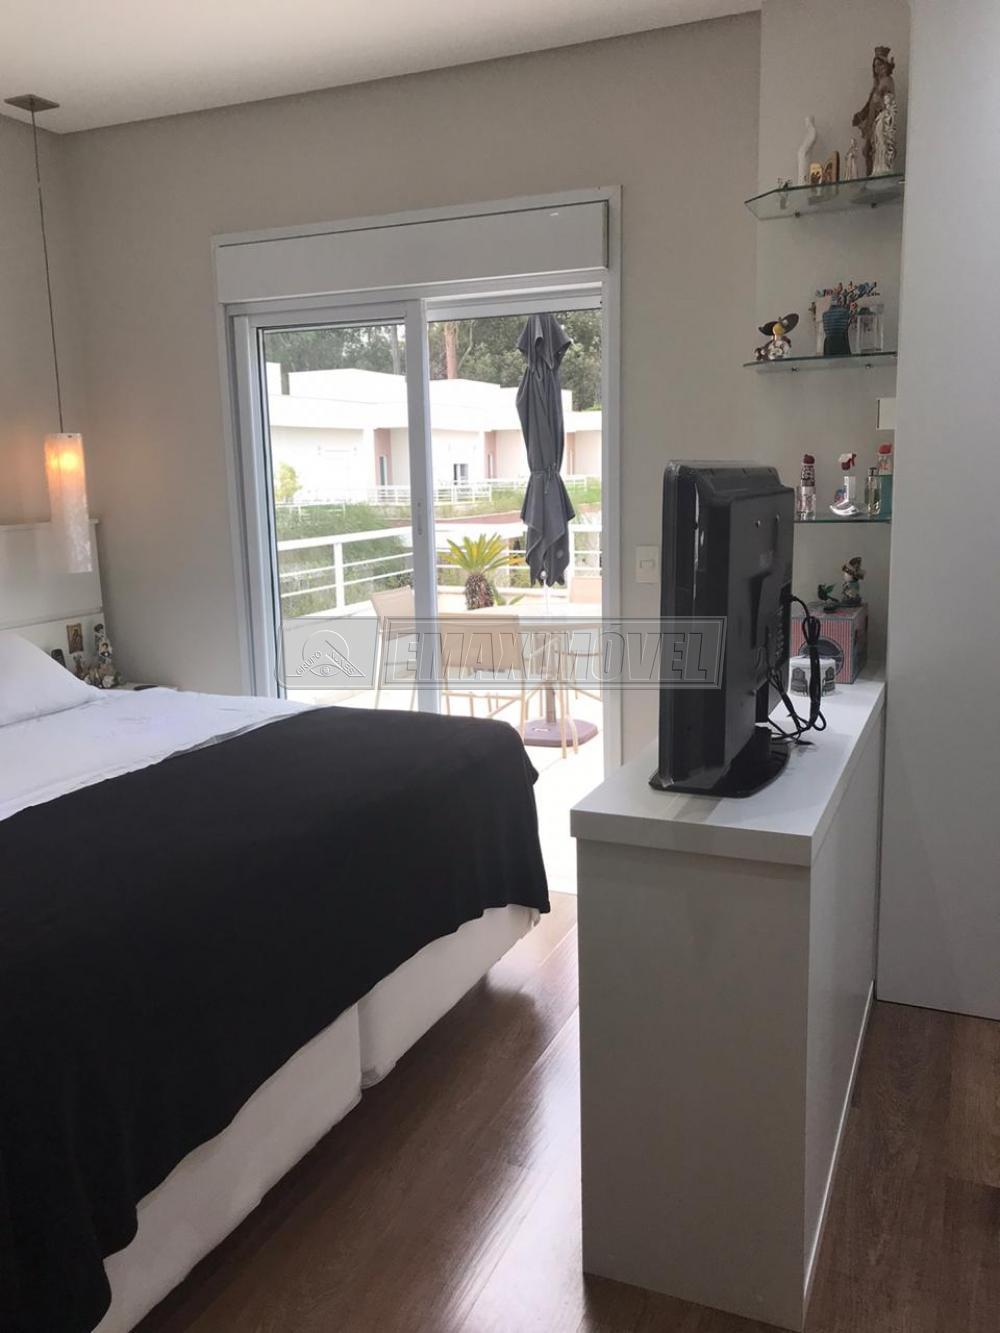 Comprar Casa / em Condomínios em Sorocaba R$ 720.000,00 - Foto 10